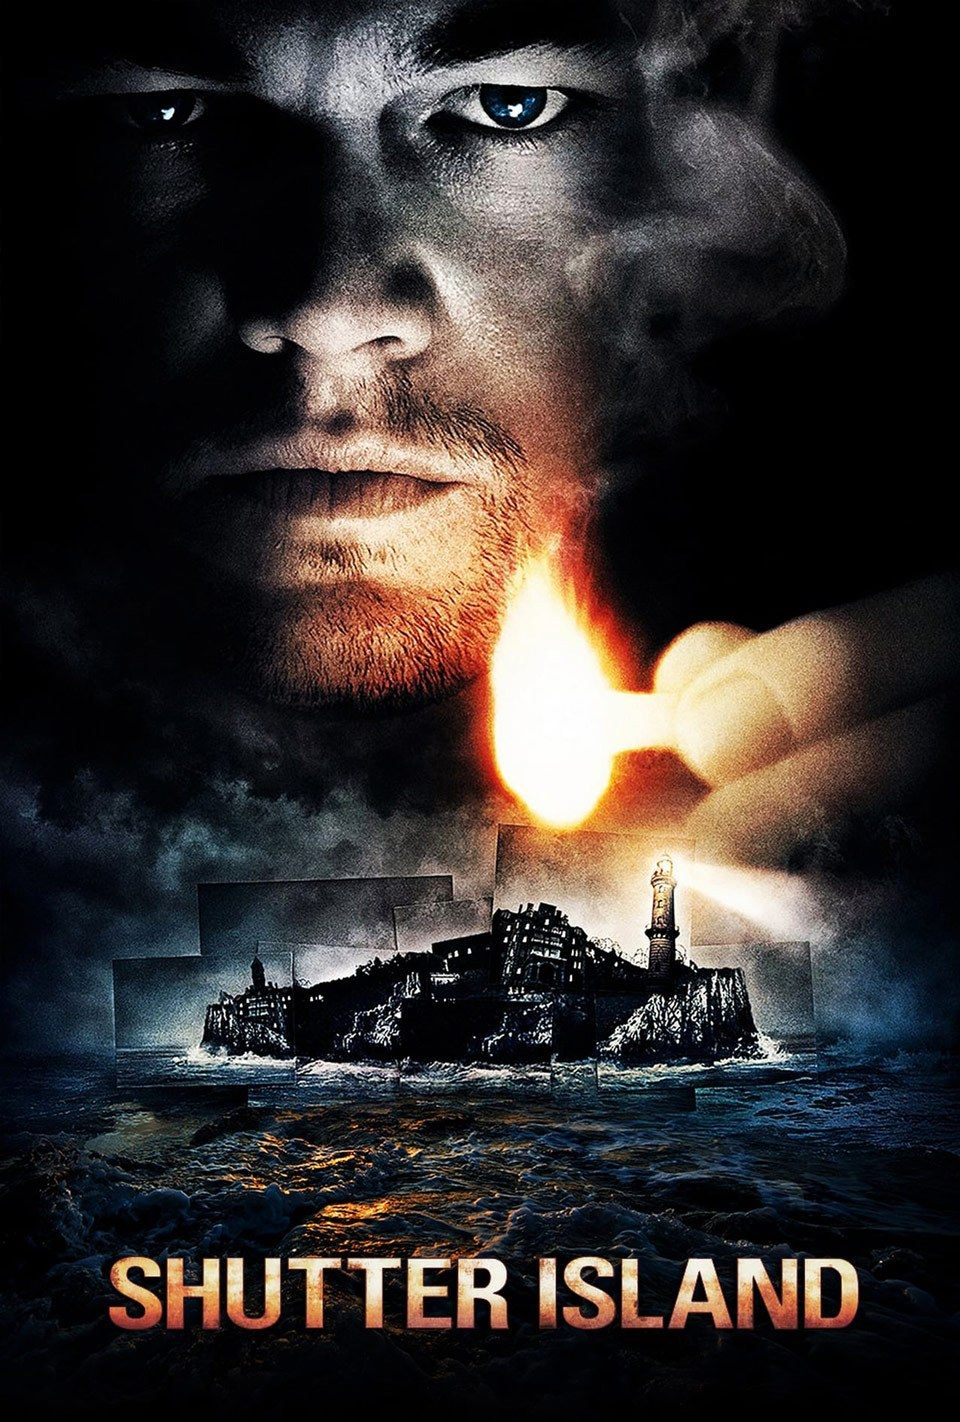 Read the Shutter Island (2010) script written by Laeta